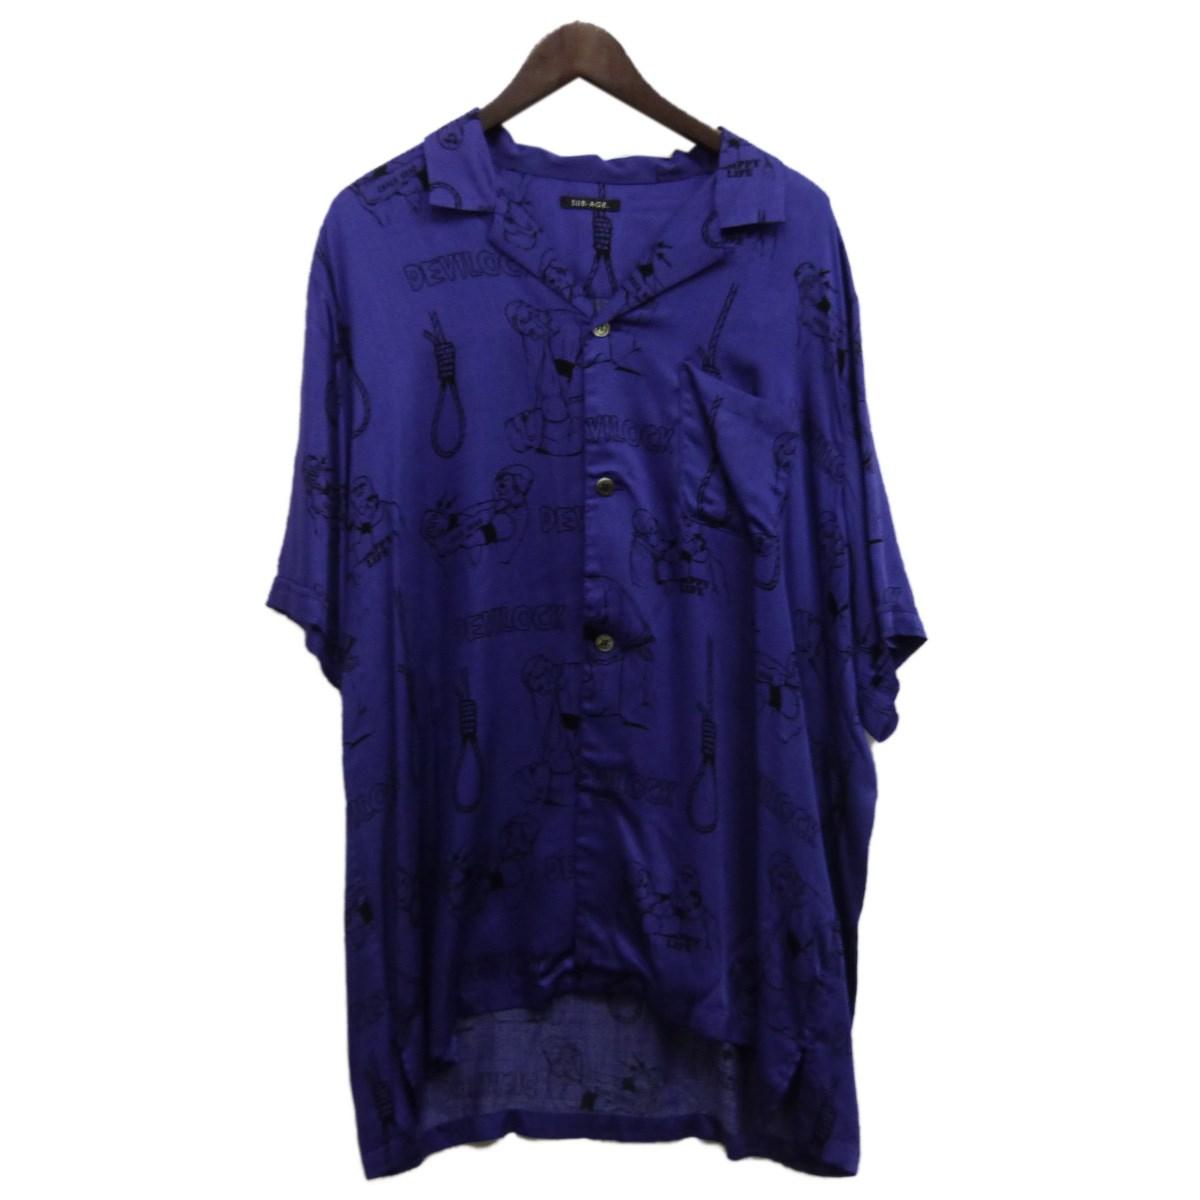 【中古】SUB-AGE.×DEVILOCK アロハシャツ パープル サイズ:2 【200420】(サベージ×デビロック)